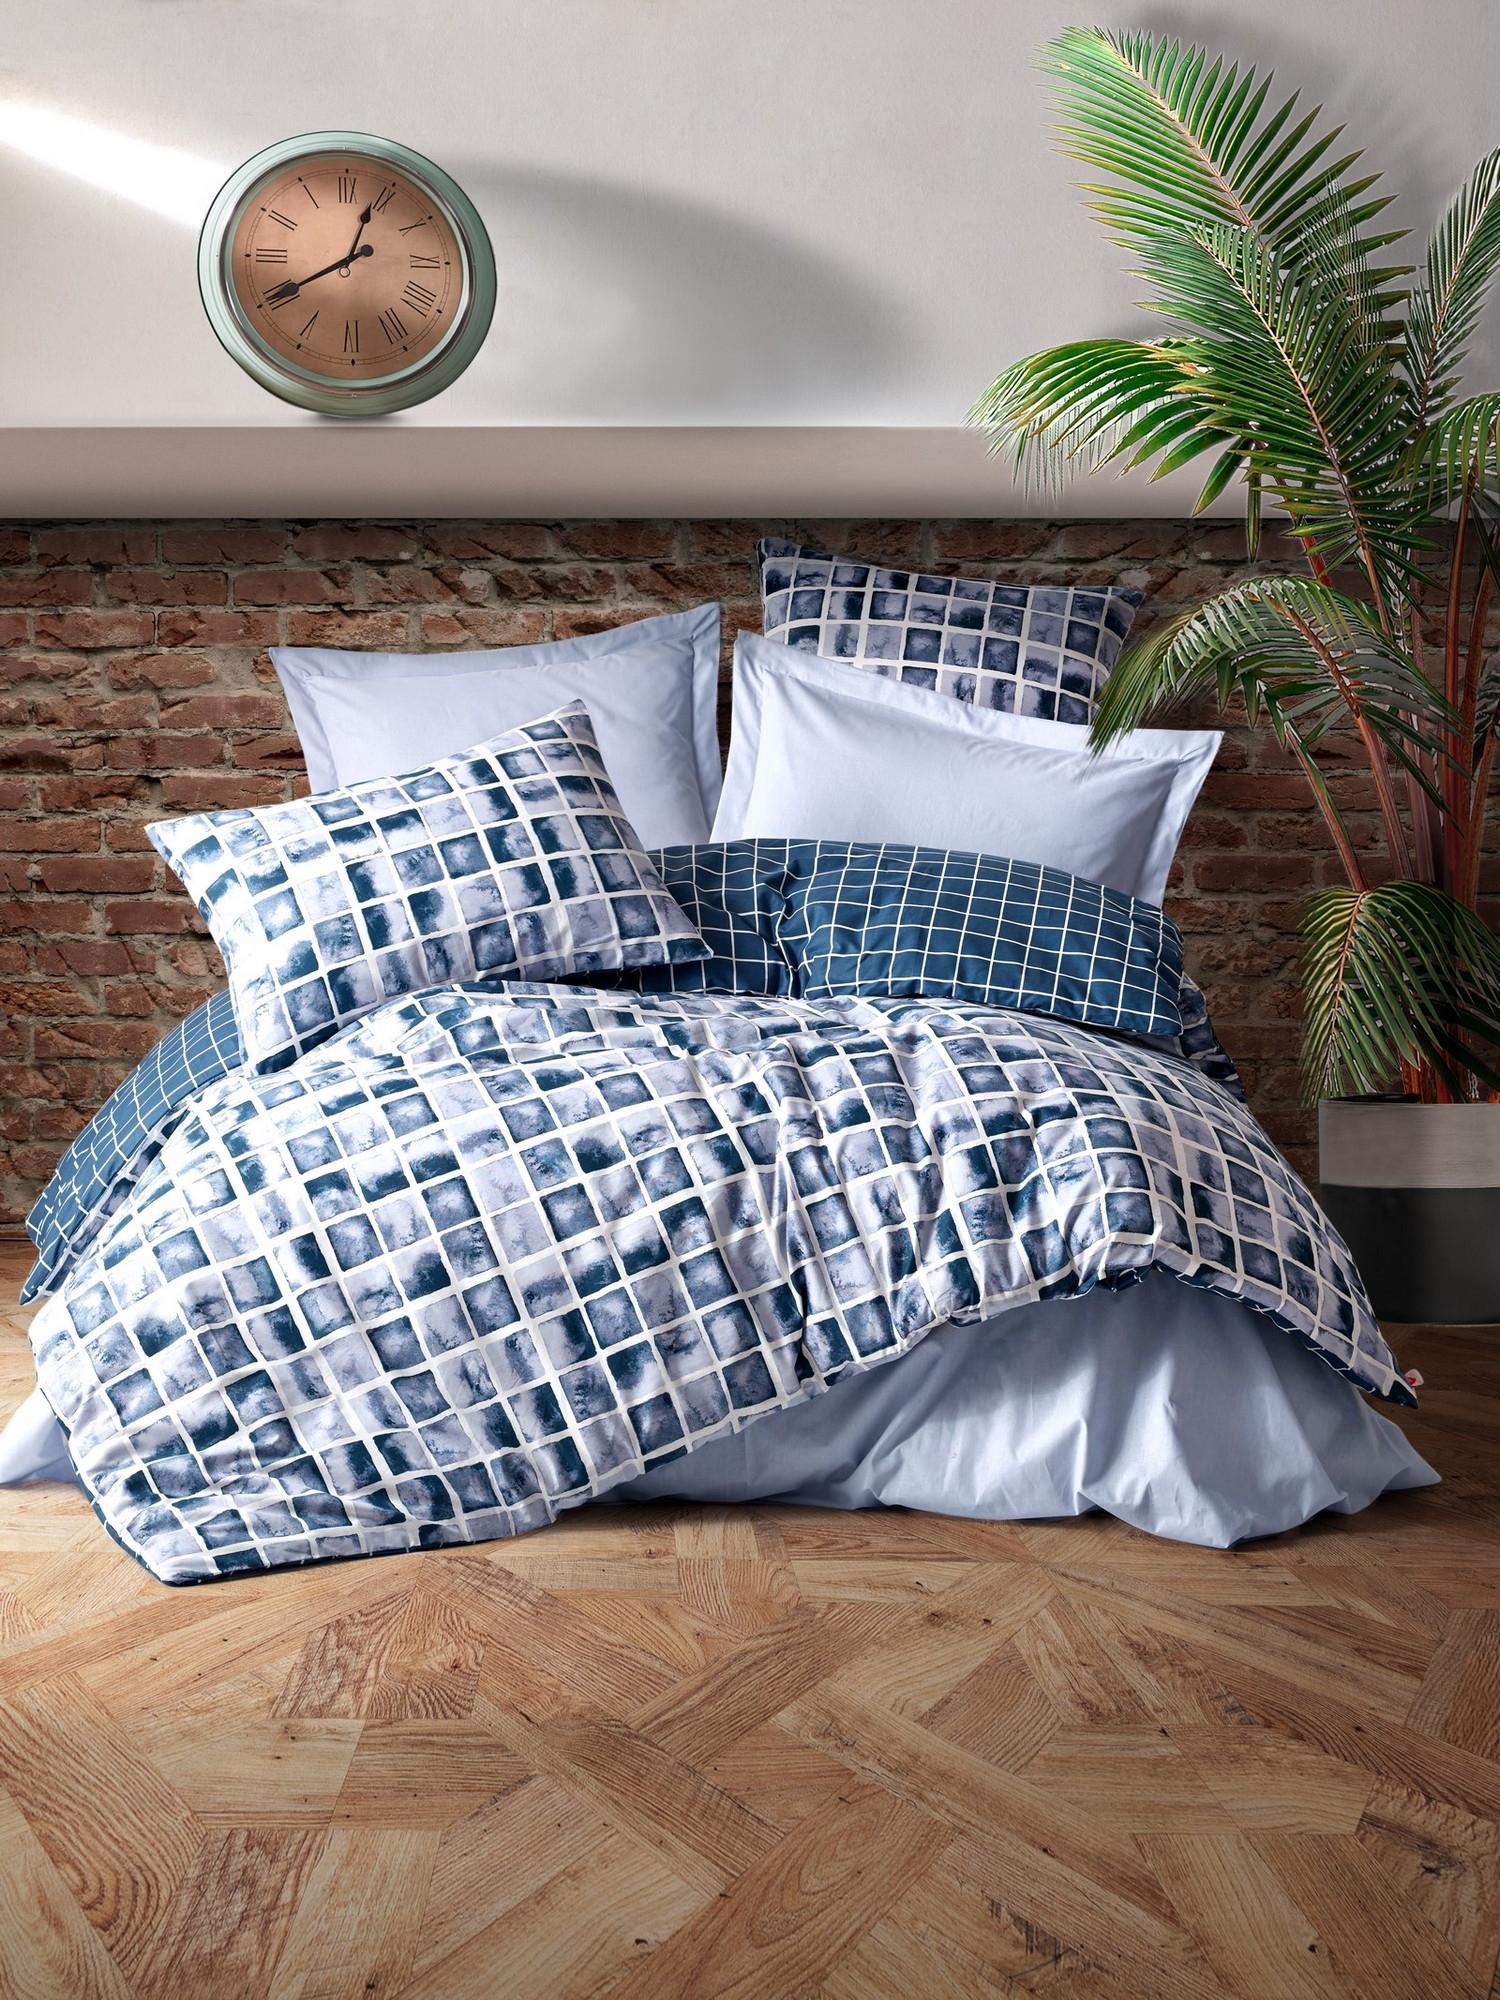 Lenjerie de pat din bumbac Ranforce, Palo Albastru / Alb, 200 x 220 cm